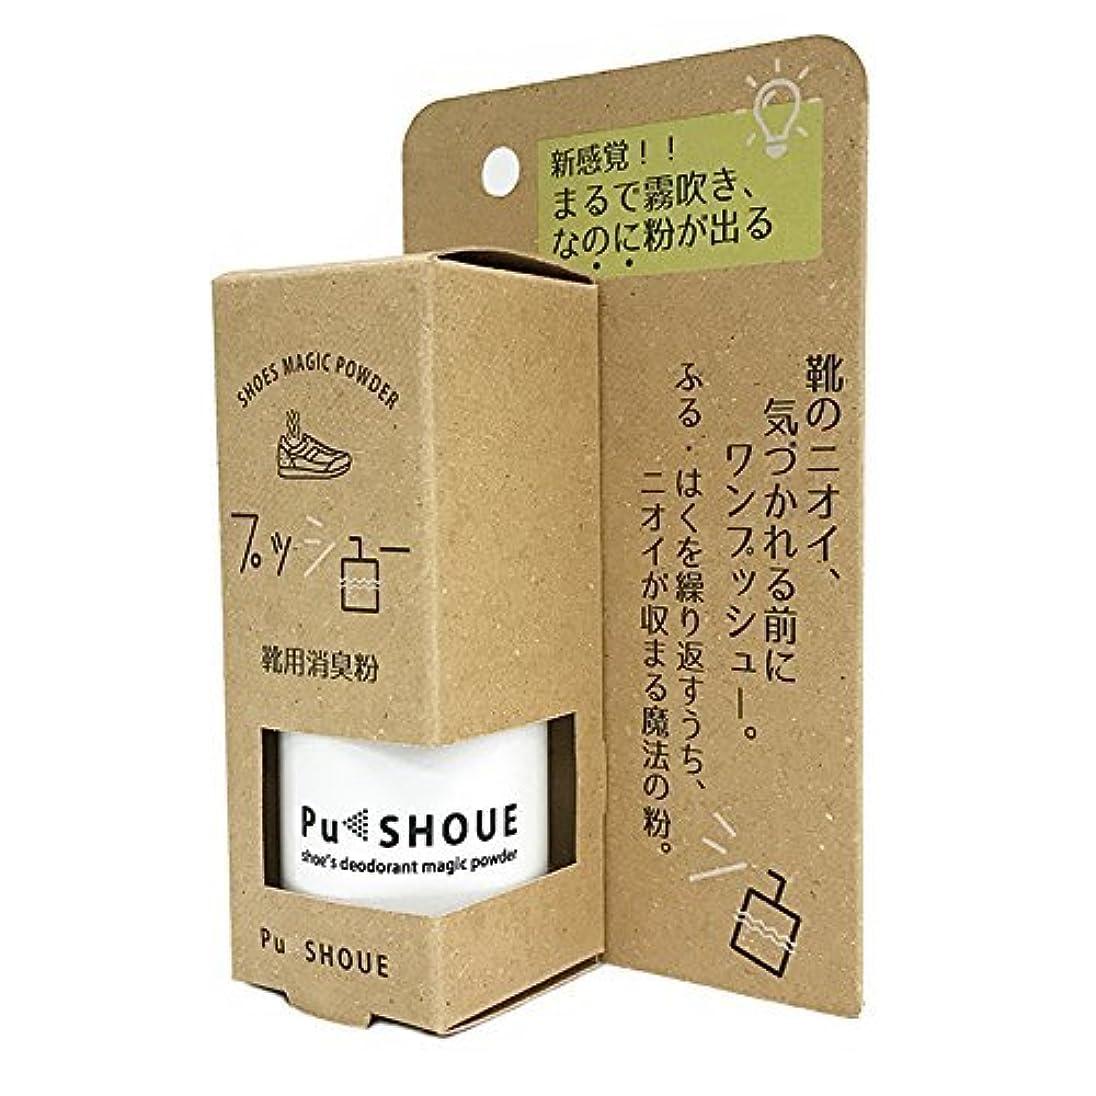 フェンス素朴なスリップシューズPu SHOUE プッシュー 無香料【スプレータイプで持ち運びOK 靴用消臭粉 1100回分】